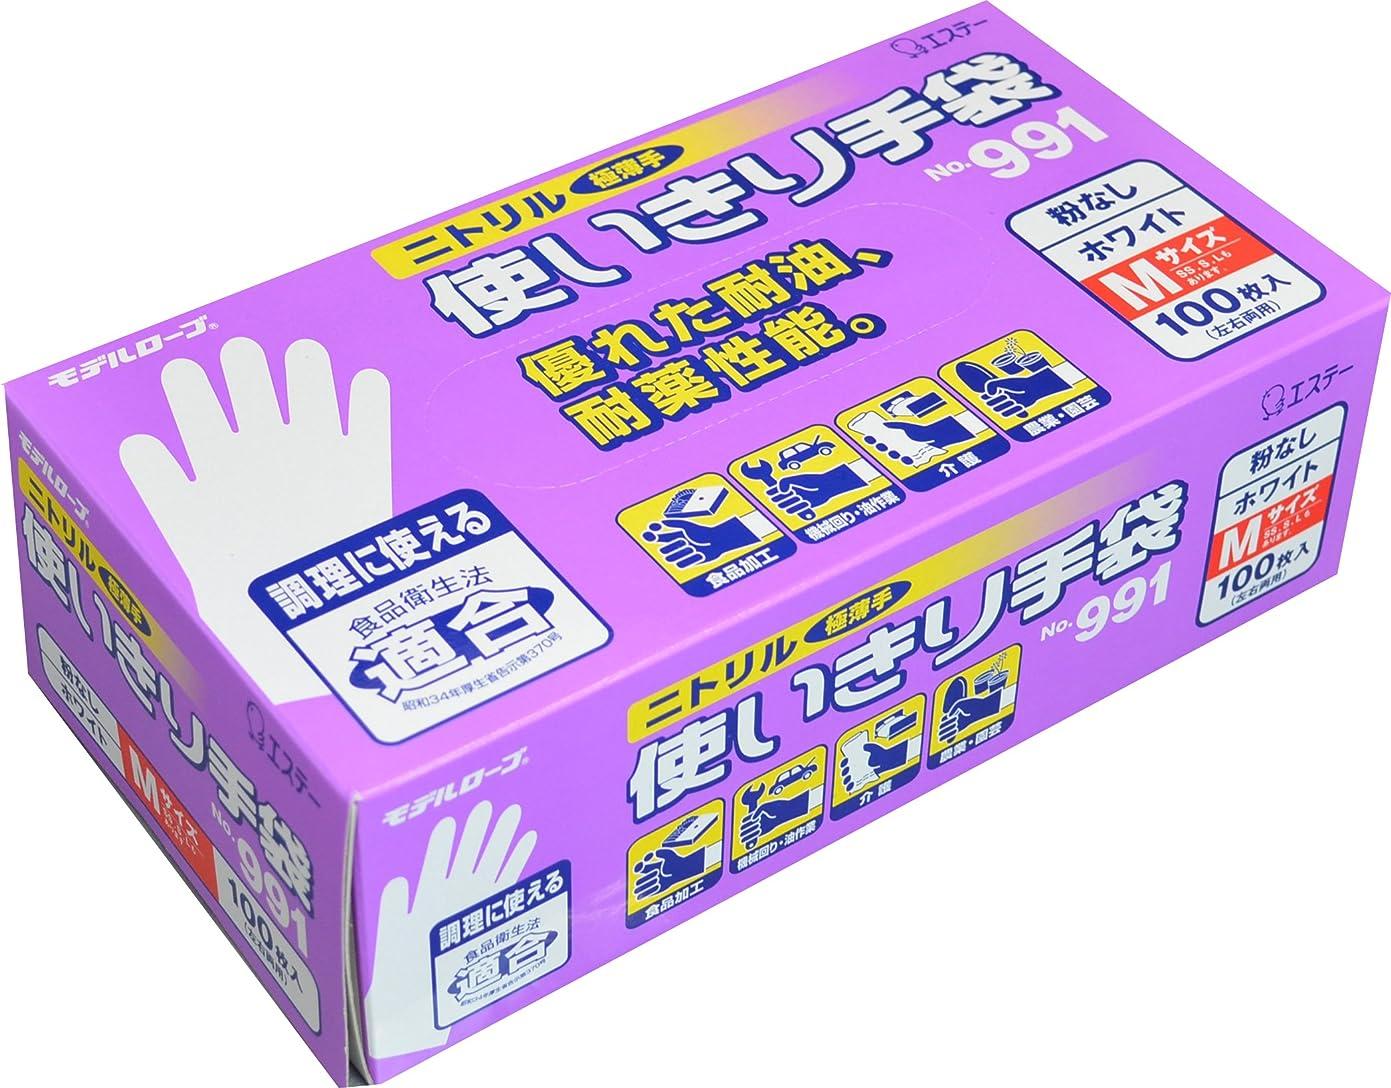 悪用非常に怒っています苦しめるモデルローブ NO991 ニトリル使い切り手袋 100枚 ホワイト M